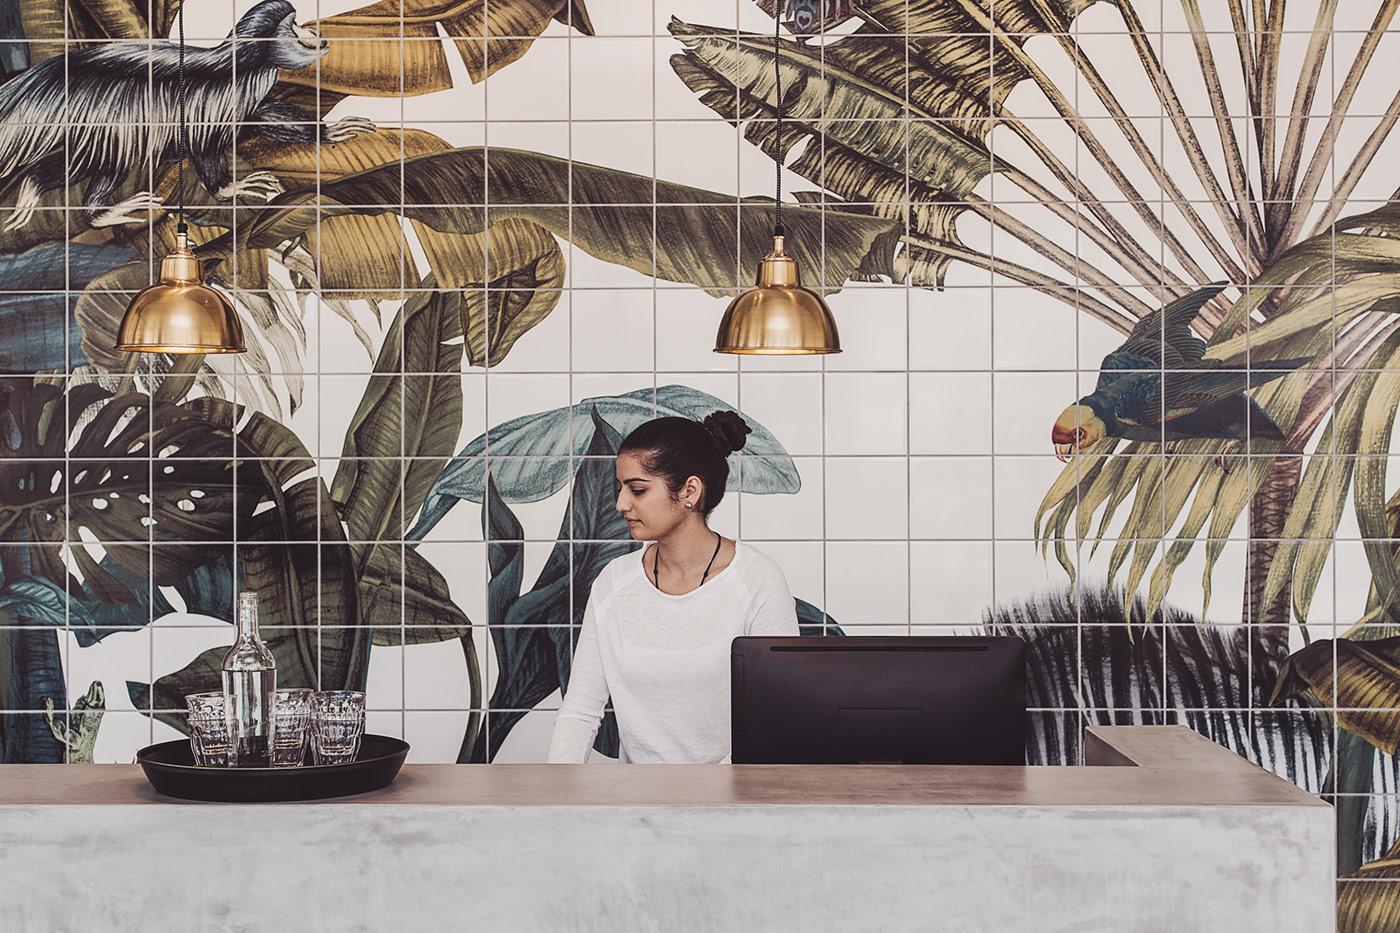 Bức tường phía sau bàn tiếp tân được trang trí bằng bức tranh làm từ gốm vô cùng tinh xảo, gợi nhớ hình ảnh của thiên nhiên nhiệt đới.